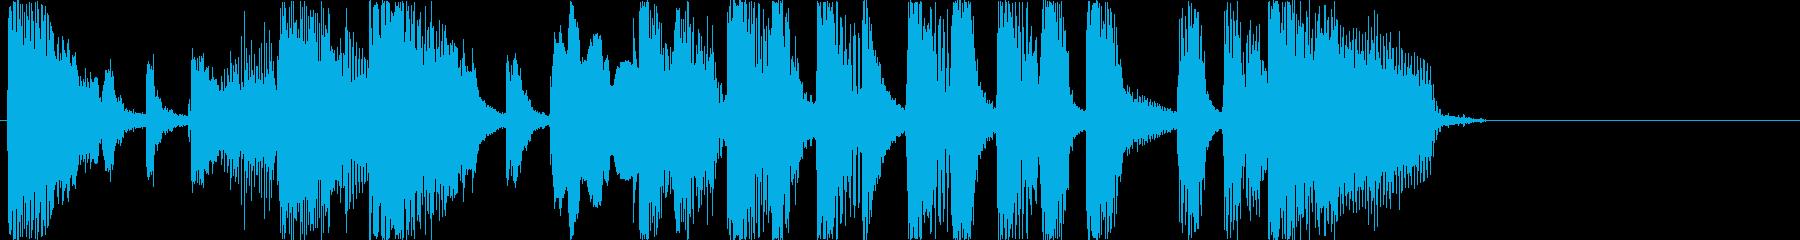 おもしろジングル/エンディング1の再生済みの波形